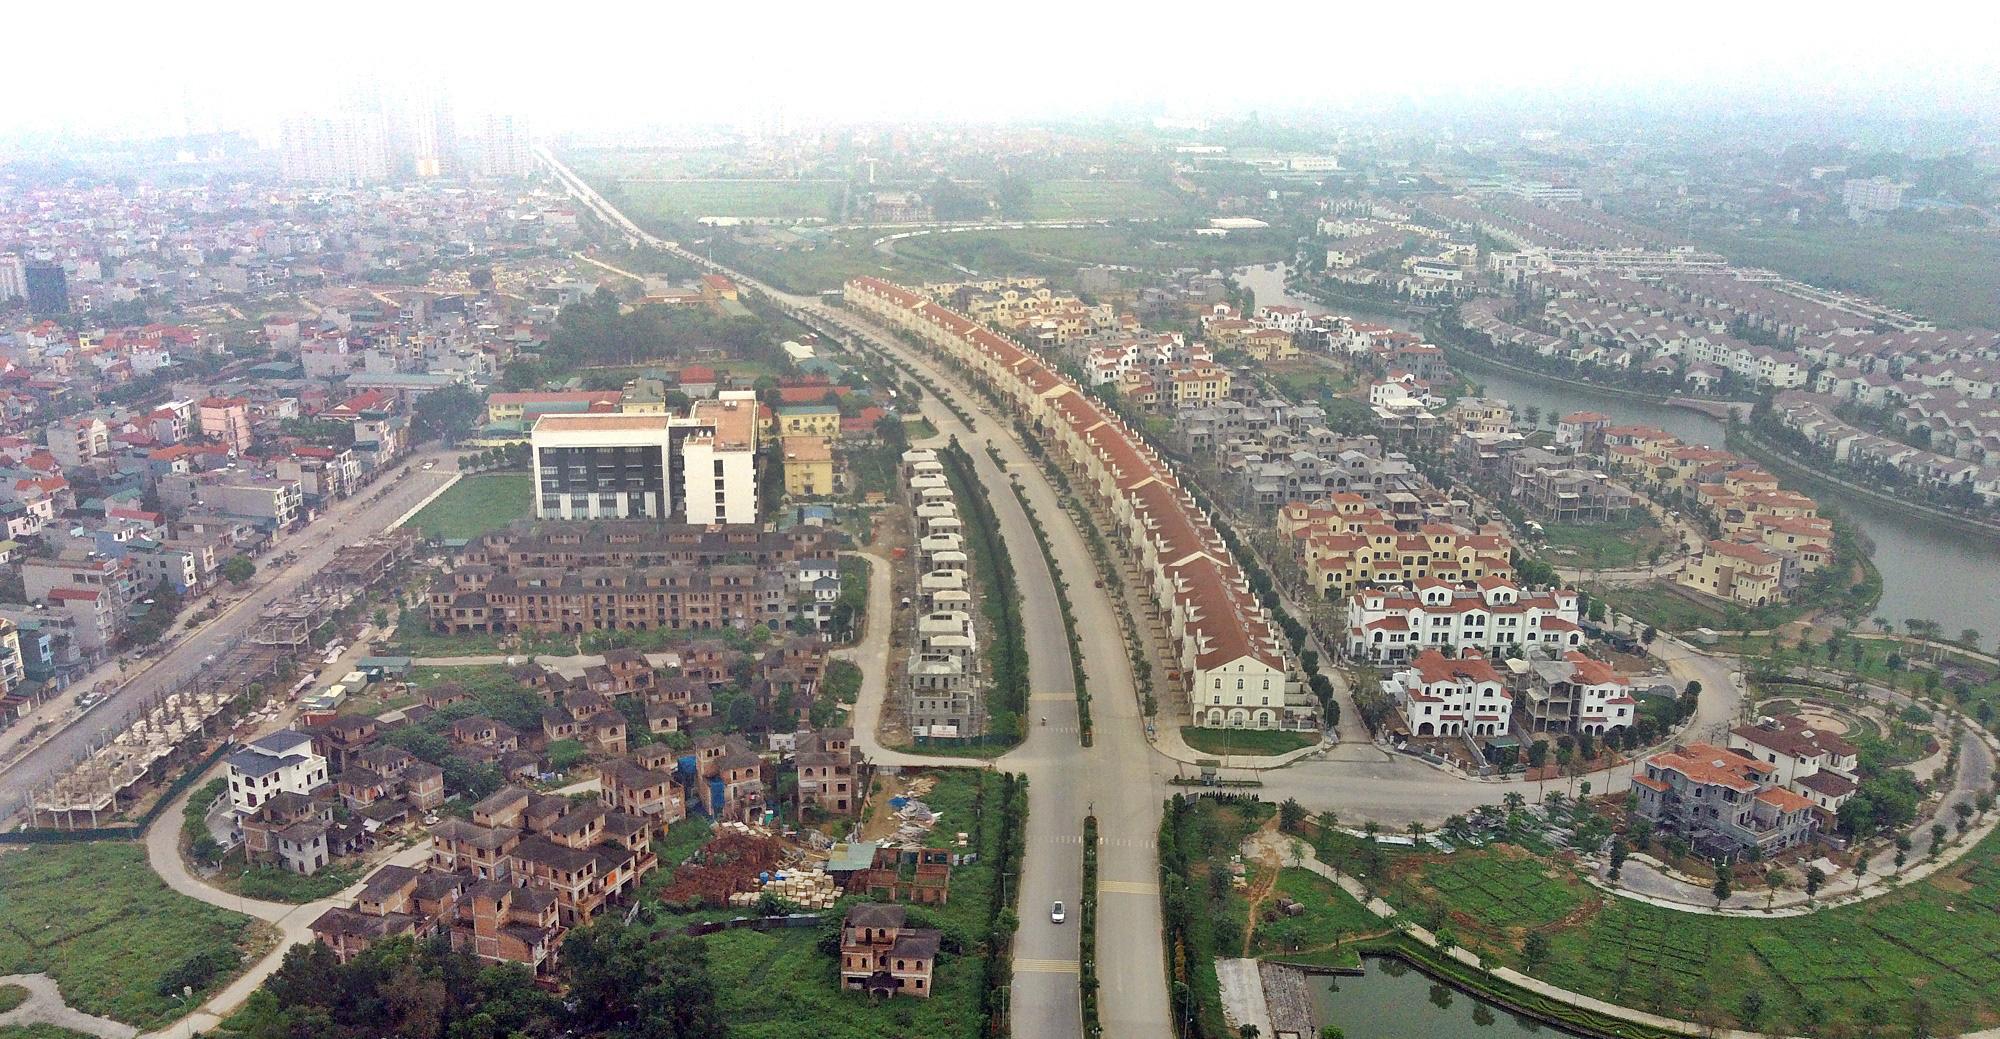 Đường sẽ mở theo qui hoạch ở Hà Nội: Toàn cảnh đường nối KĐT Nam An Khánh đến Sân vận động Mỹ Đình - Ảnh 17.